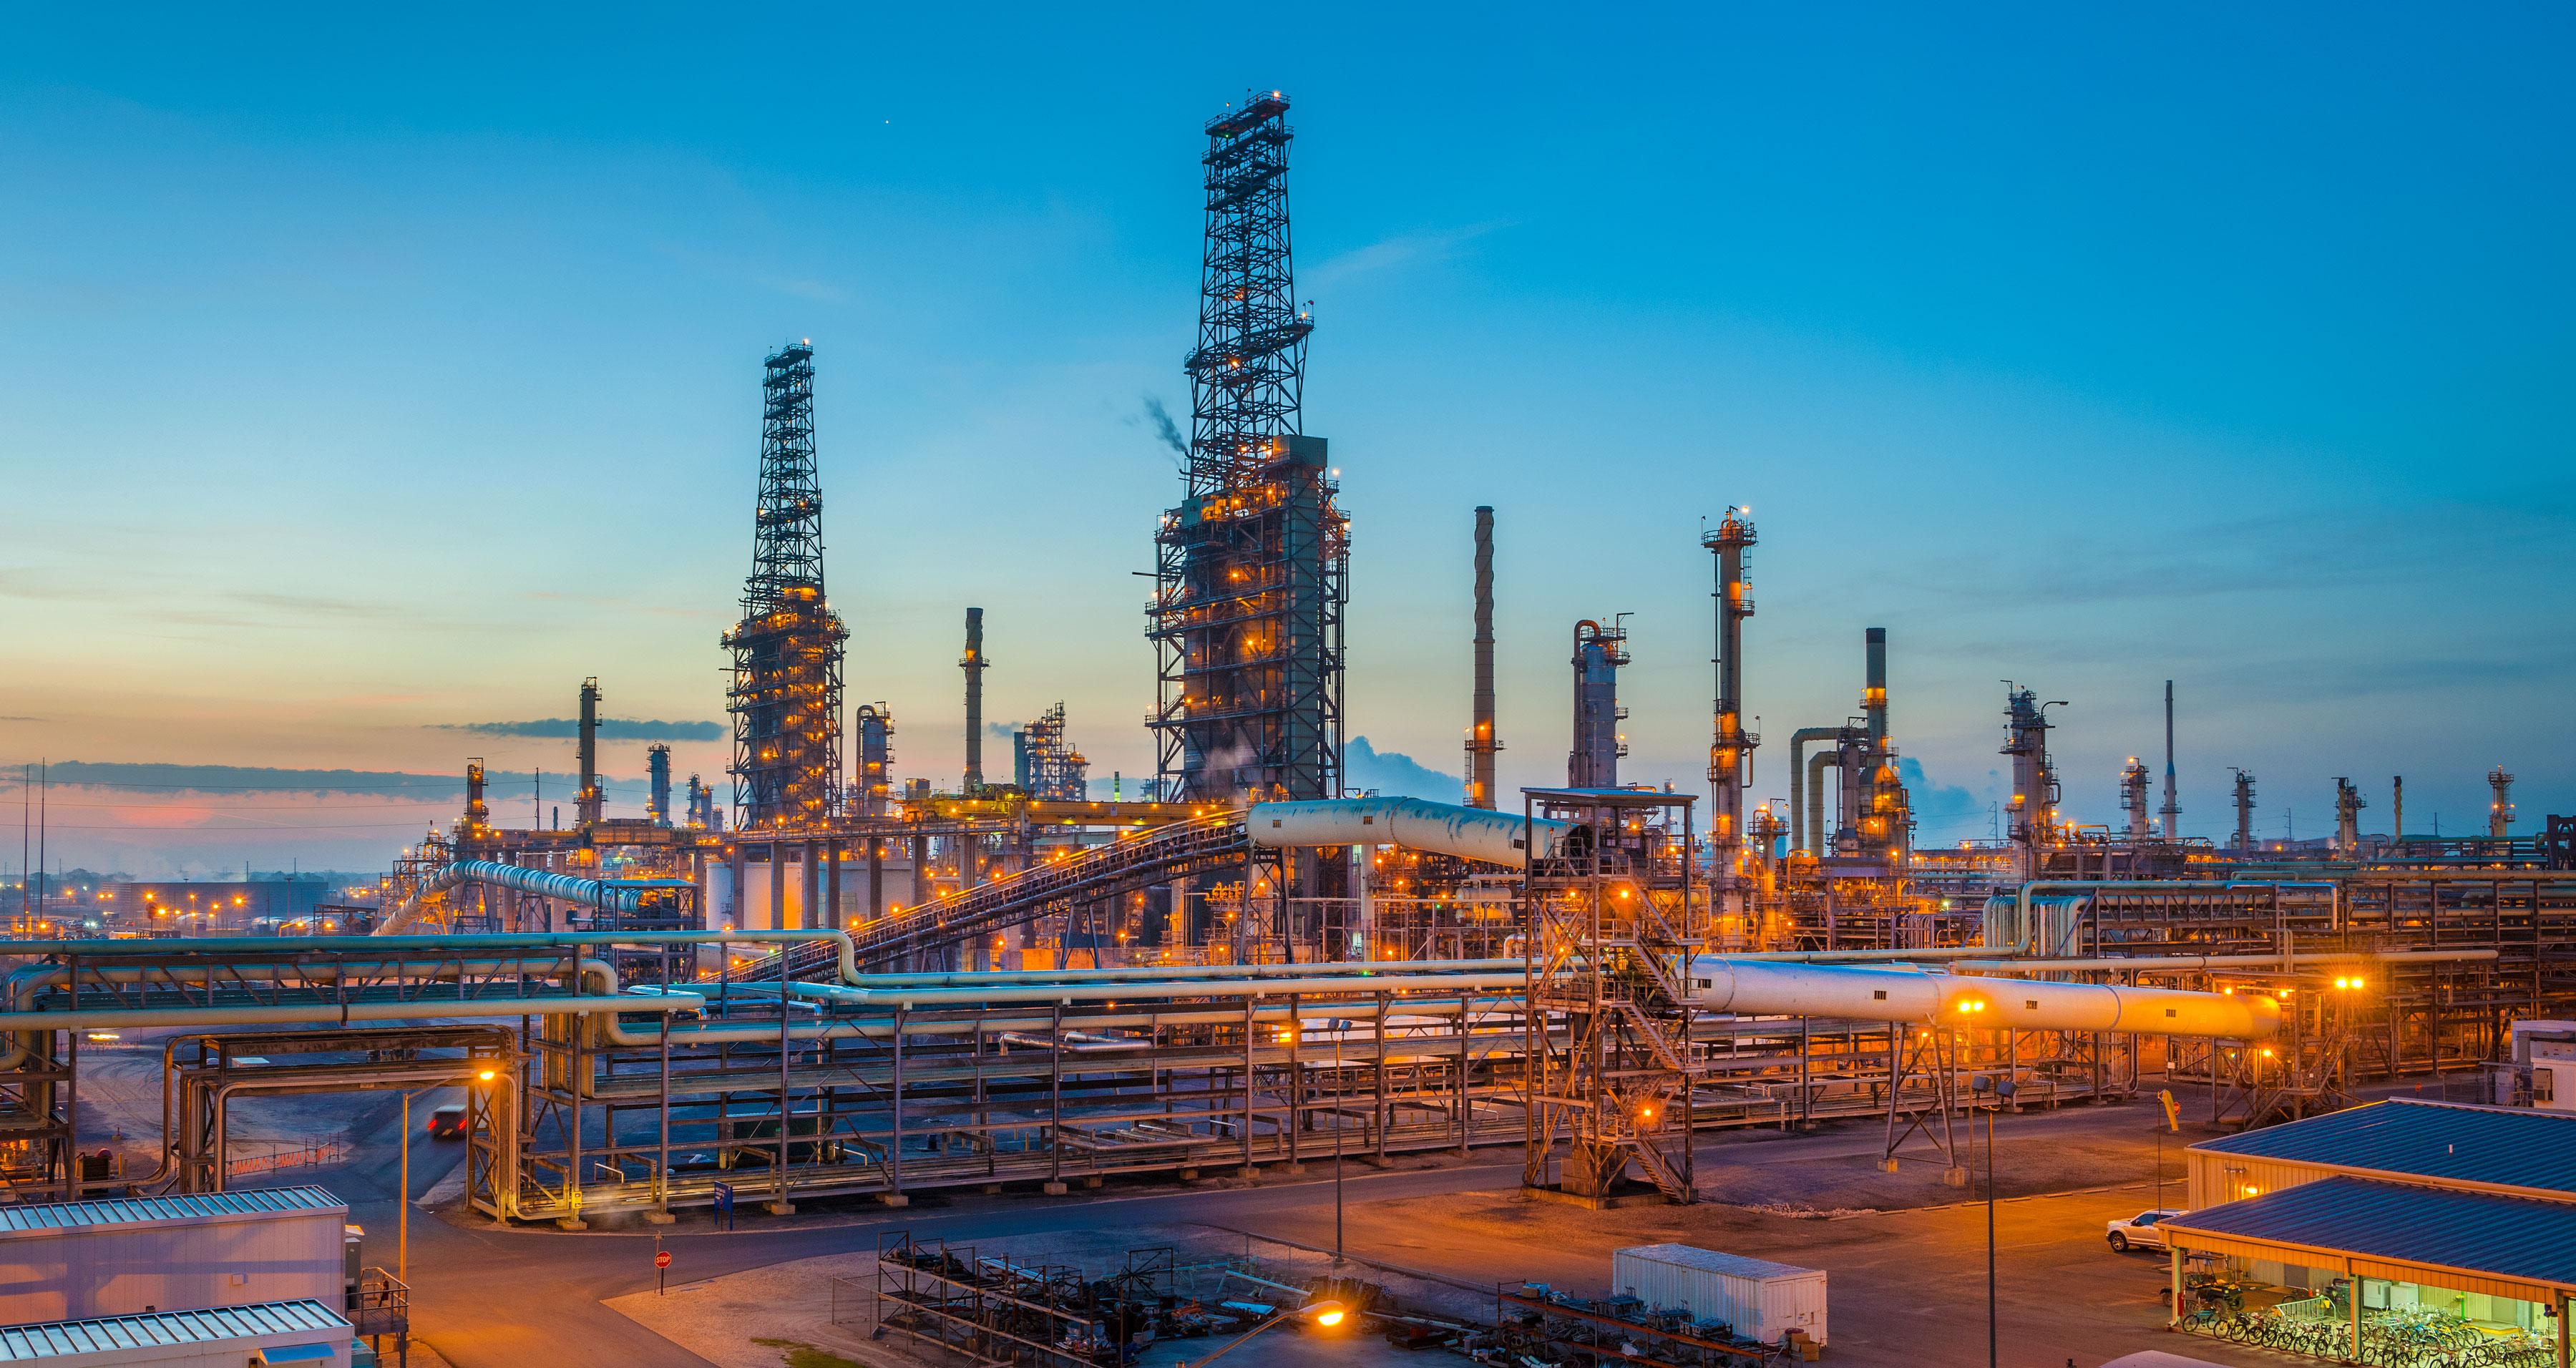 Marathon's Garryville refinery